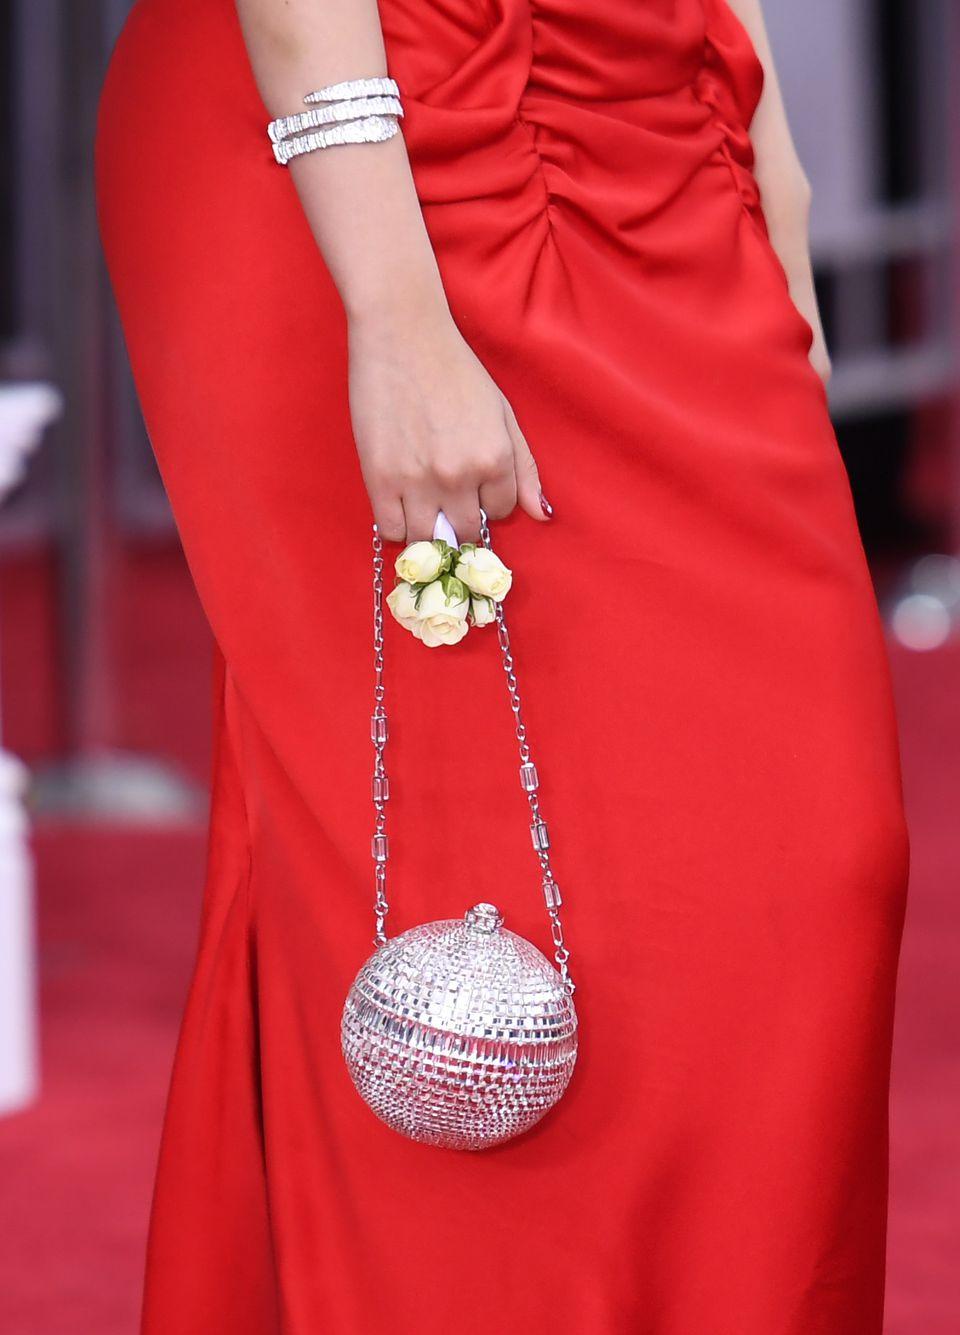 A look at Camila Cabello's handbag.